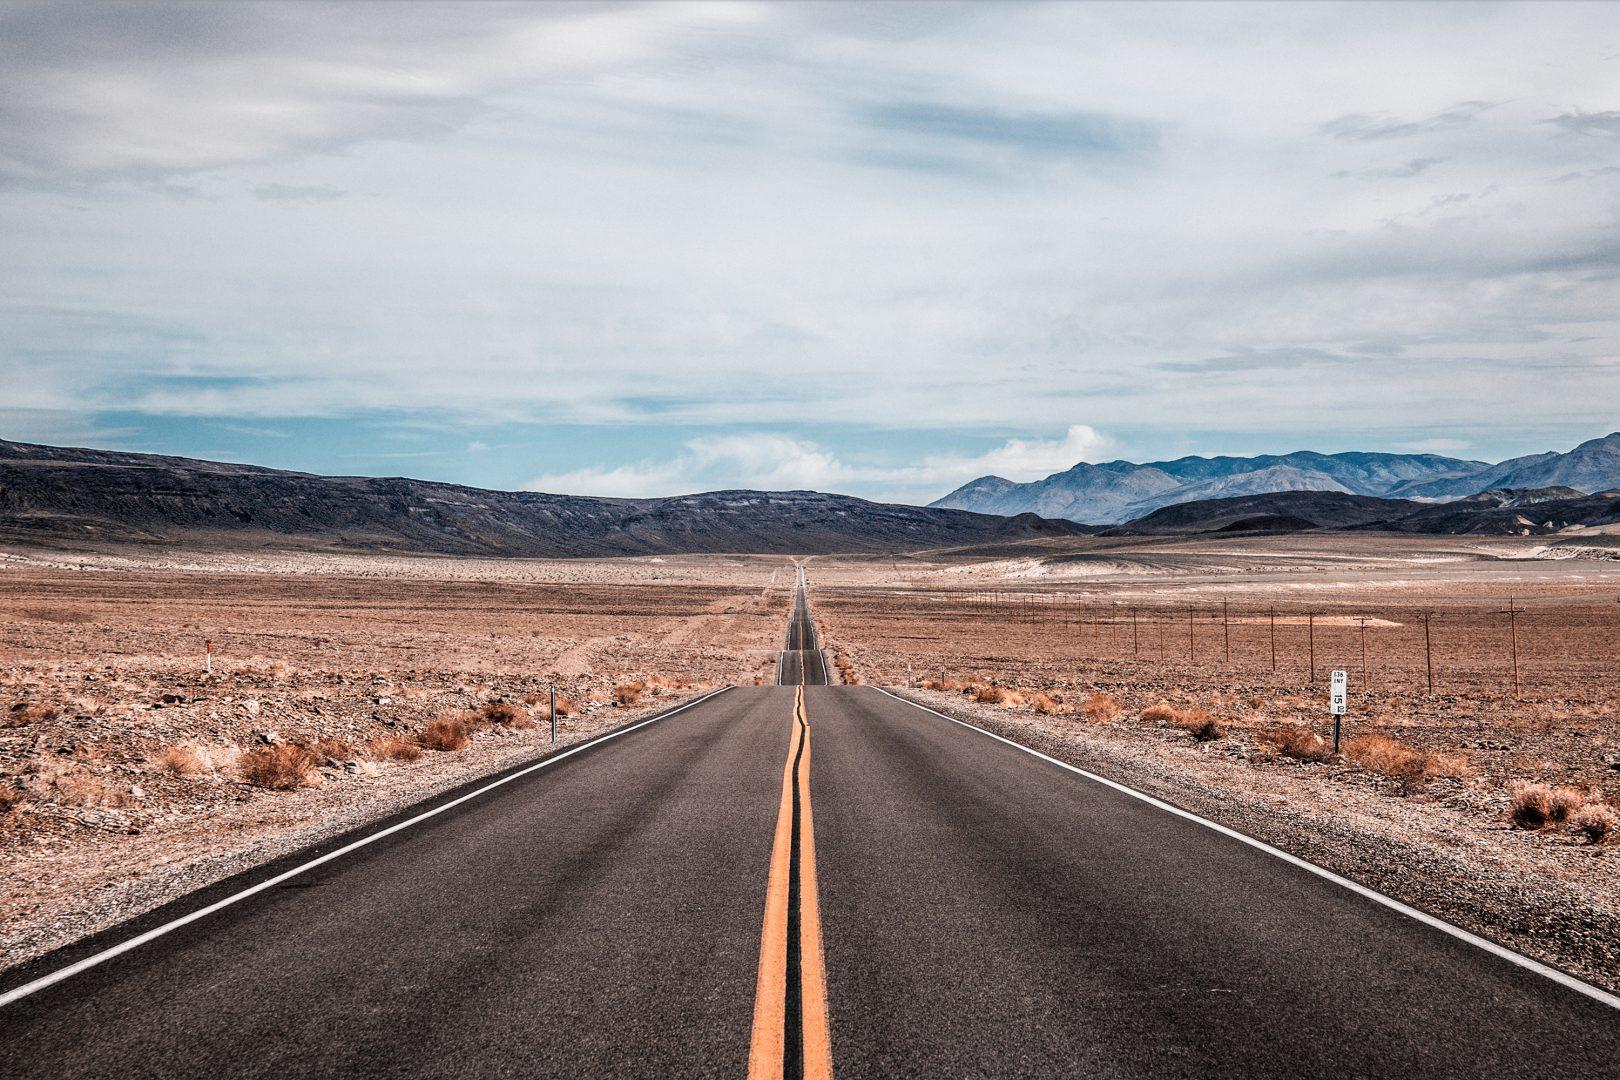 Exiting Death Valley